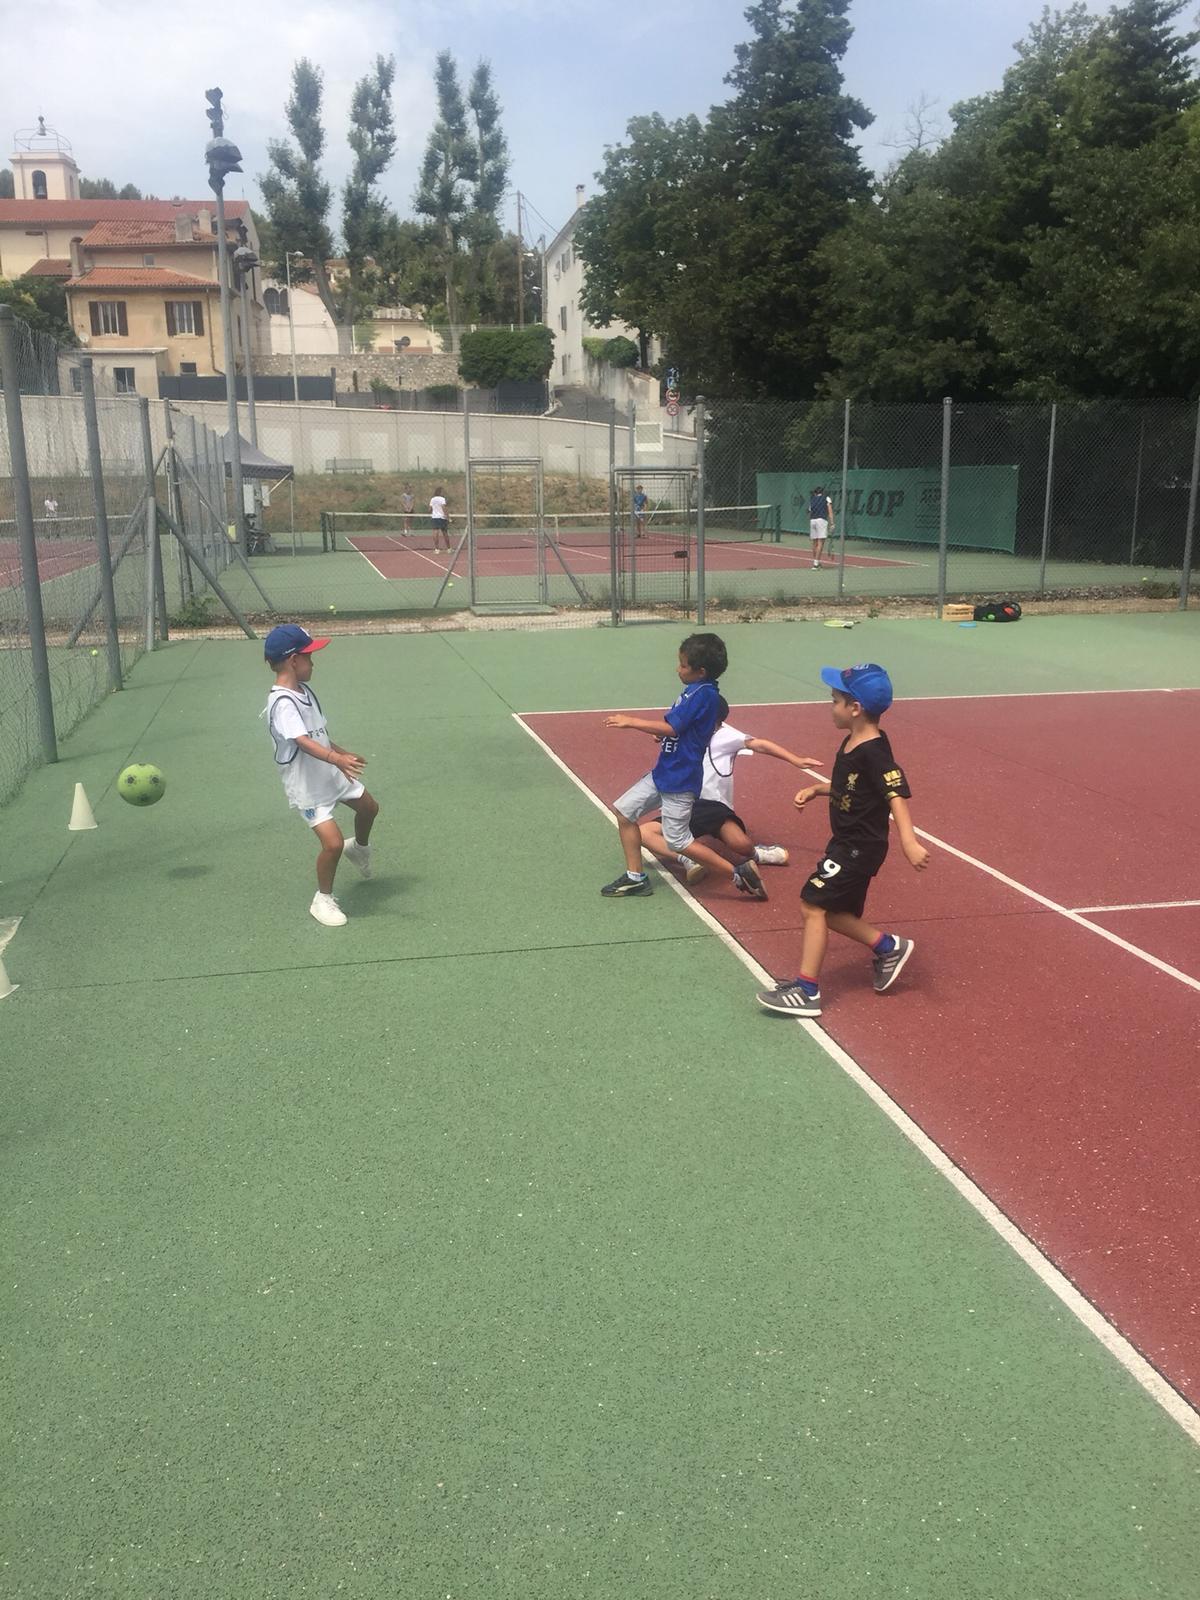 ecole de tennis du park - les accates - olivier launo 20